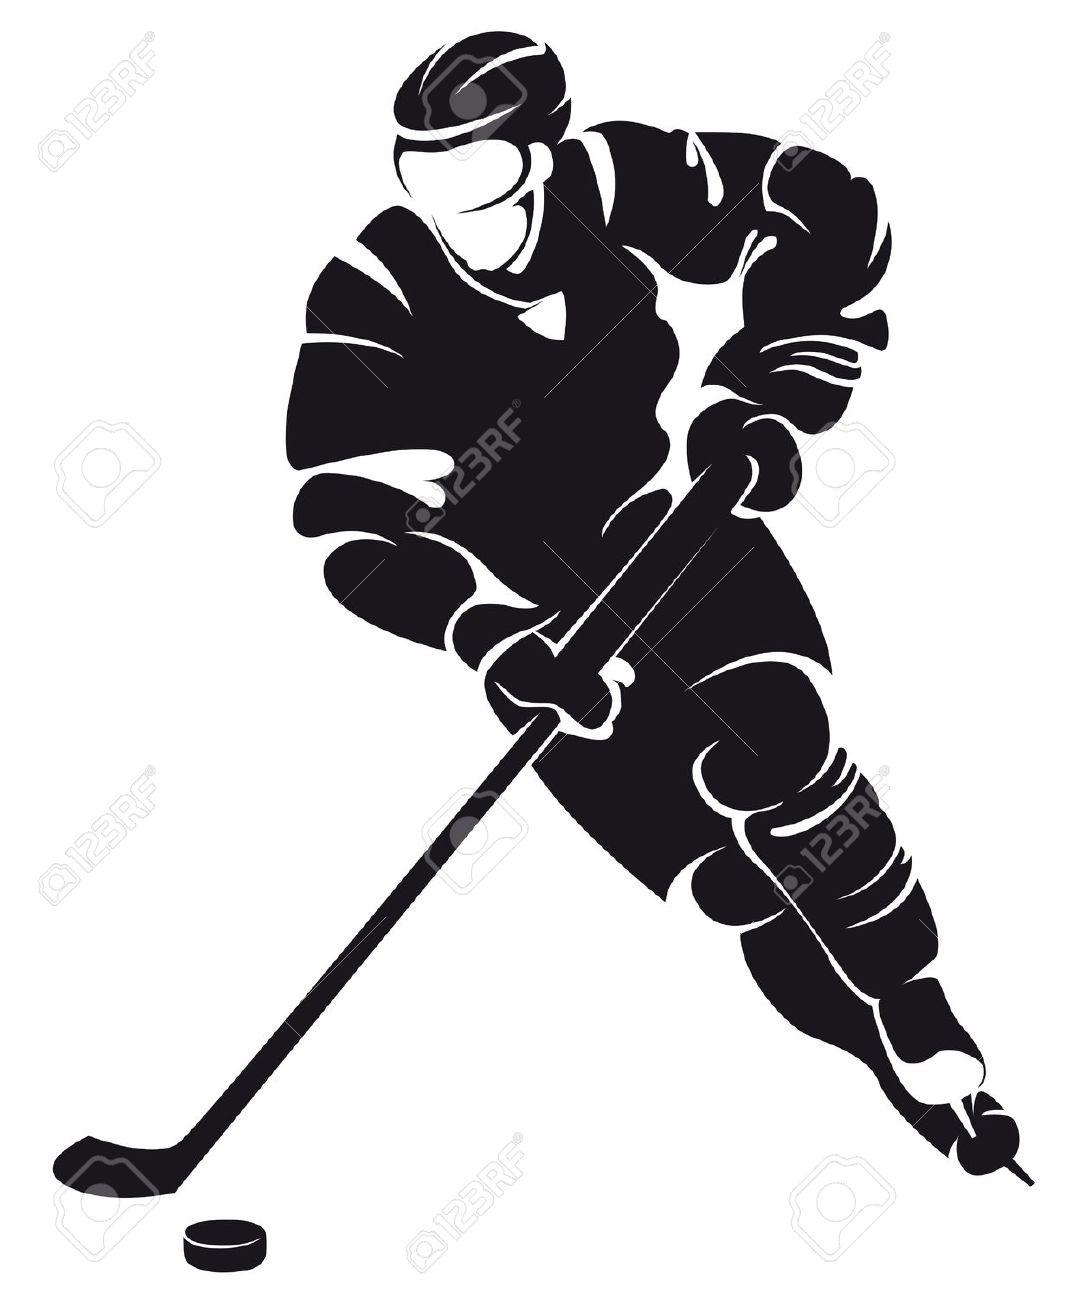 hockey player: hockey player, .